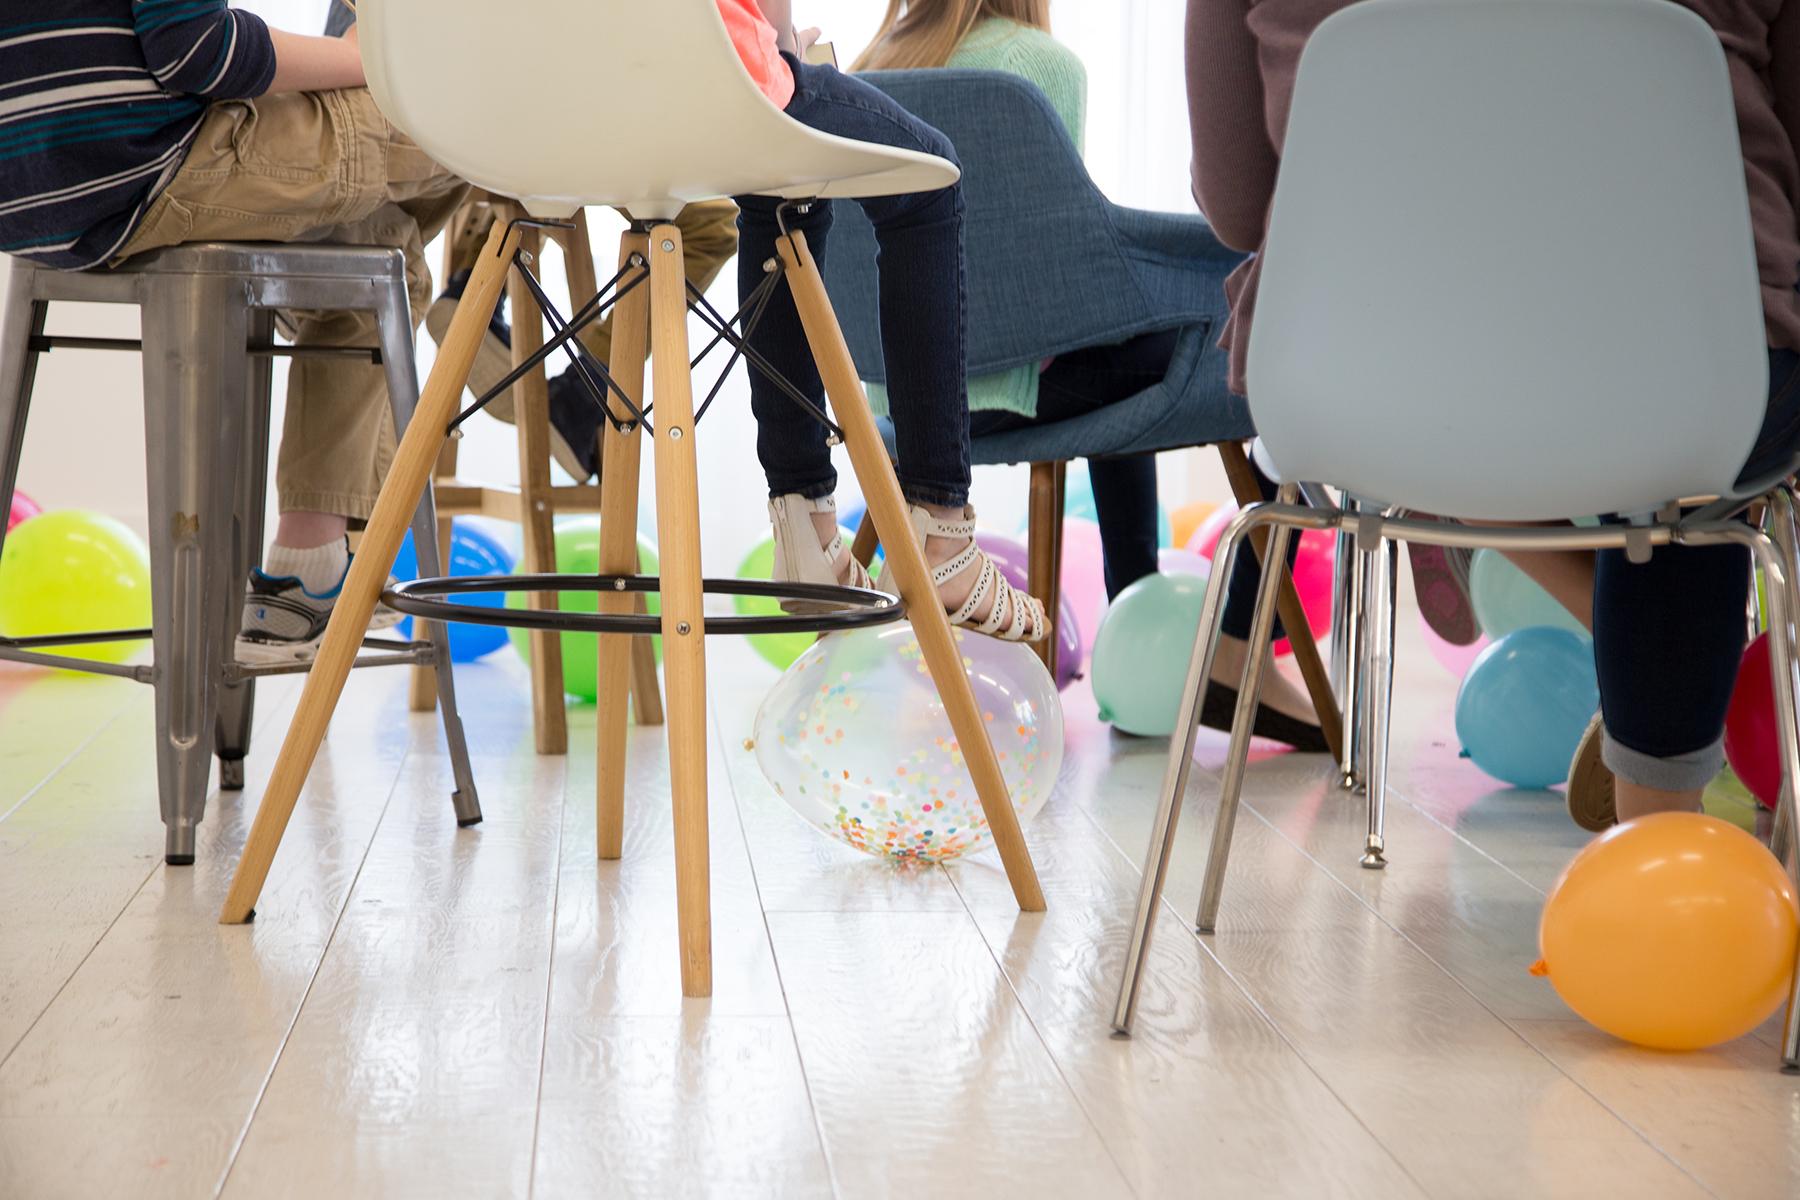 ChairsAndBalloons.jpg